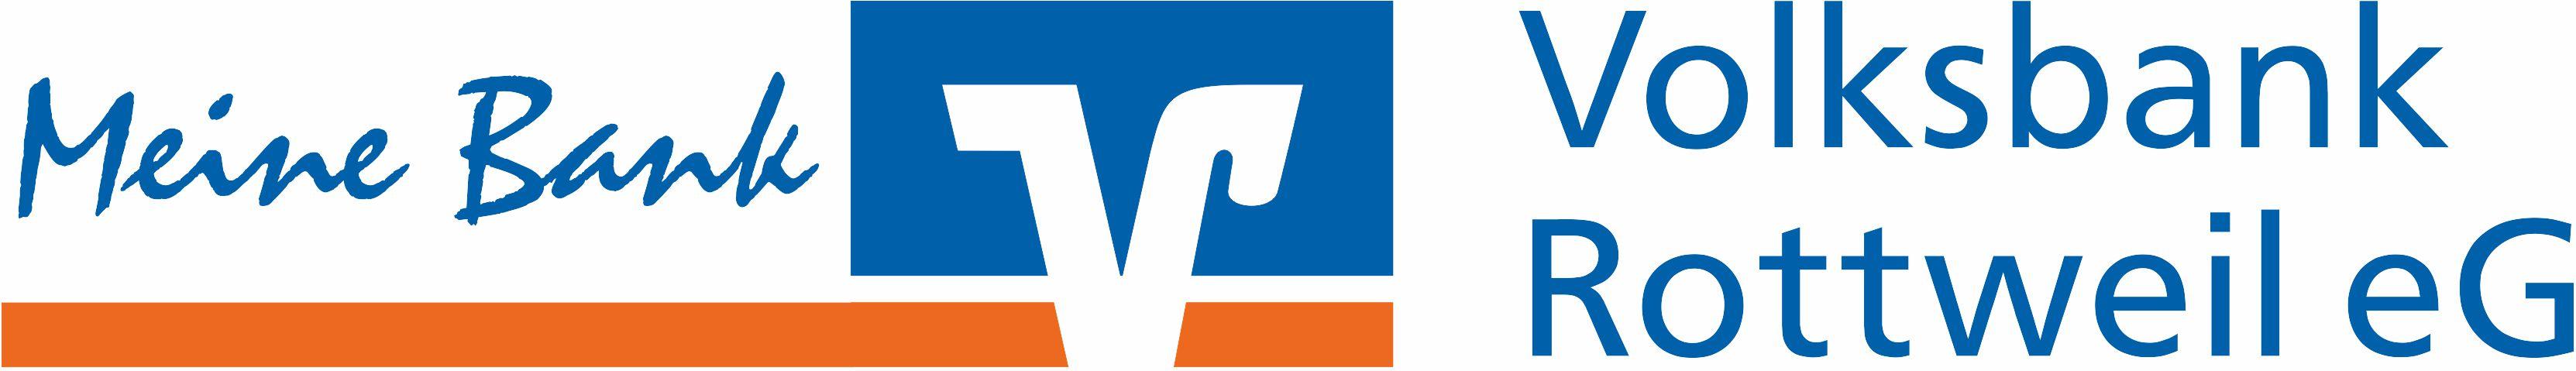 Volksbank Rottweil eG, Hauptgeschäftsstelle Sulz Logo